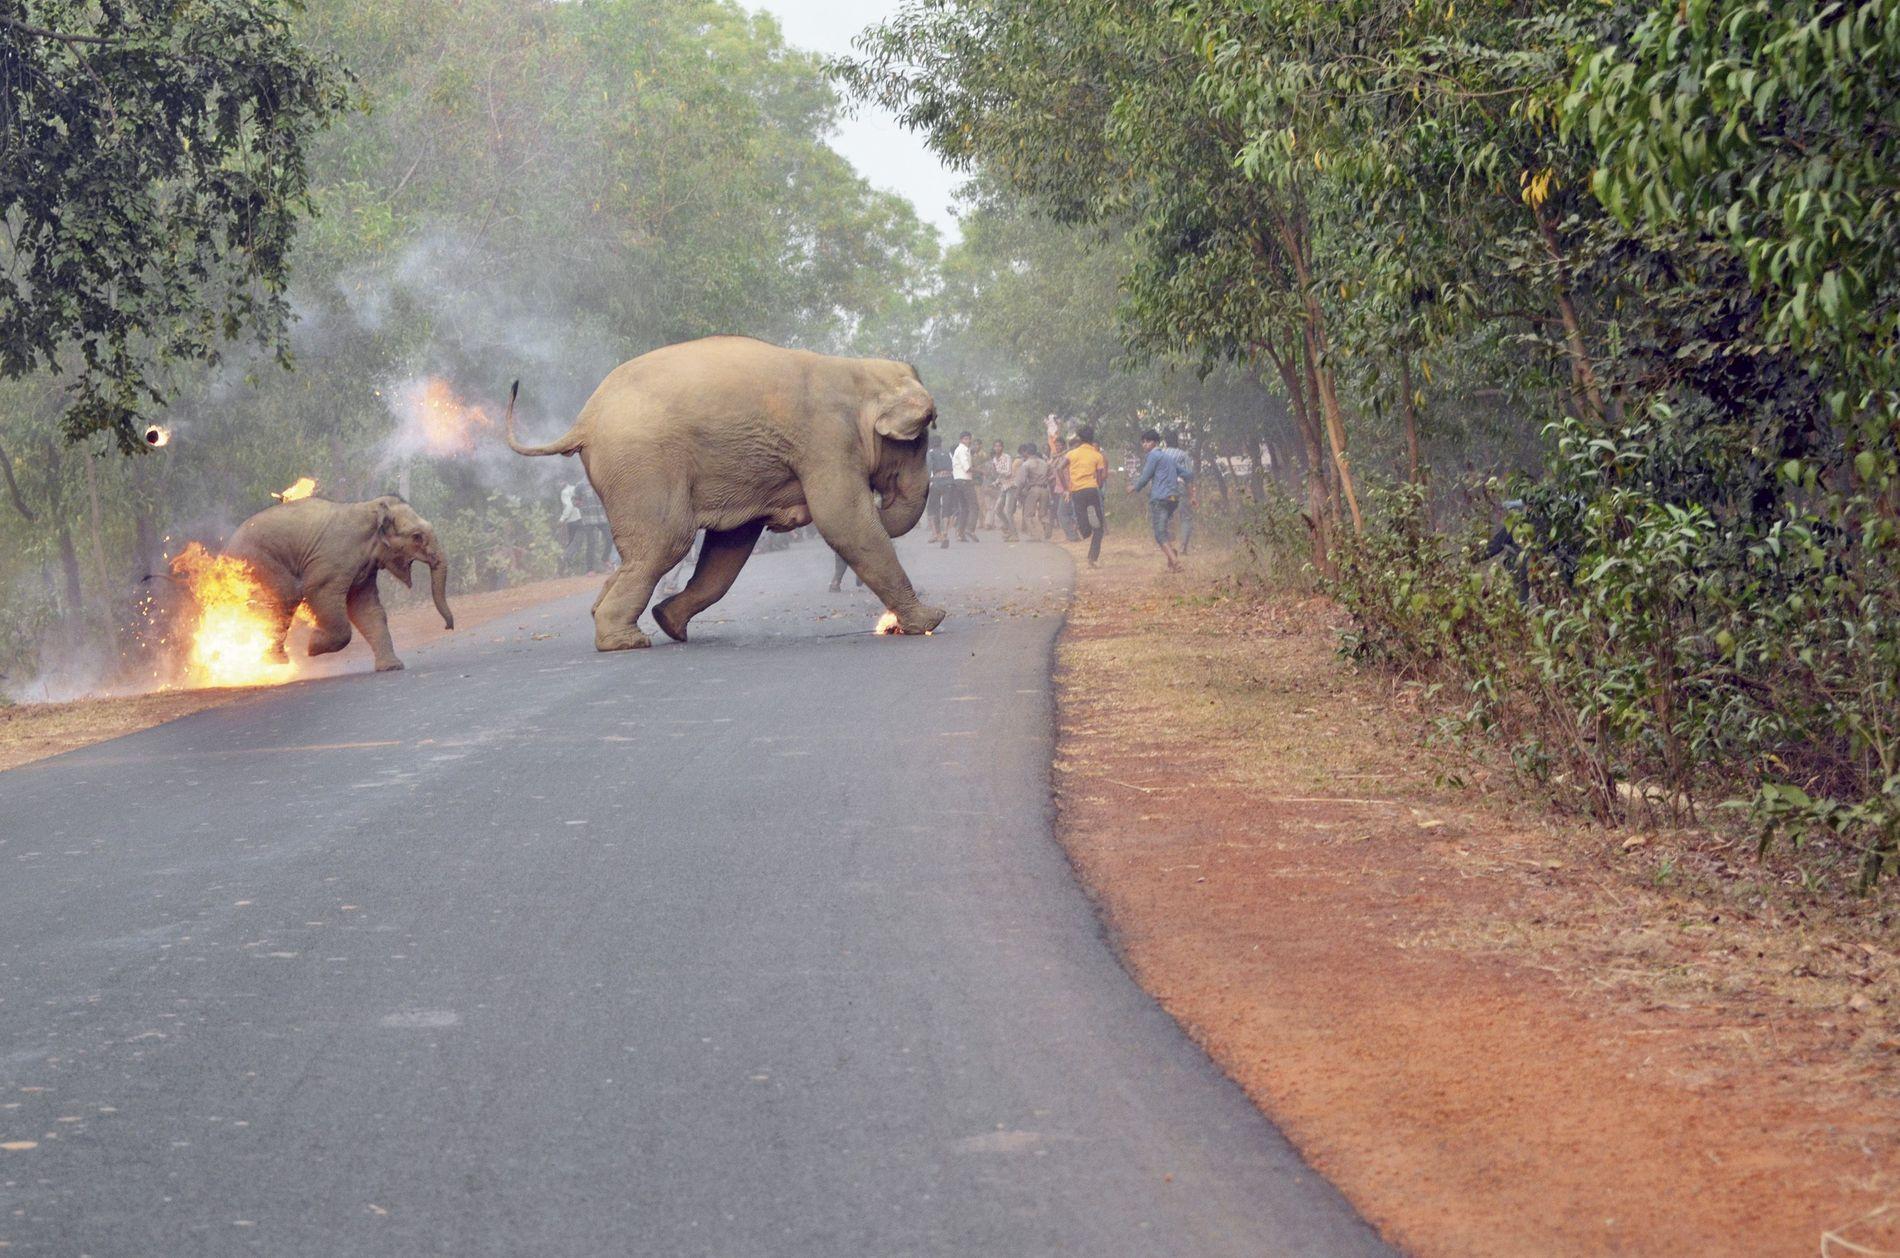 I FLAMMER: Elefantungen flykter fra den mobben som kaster fyrverkeri og brennende tjære.